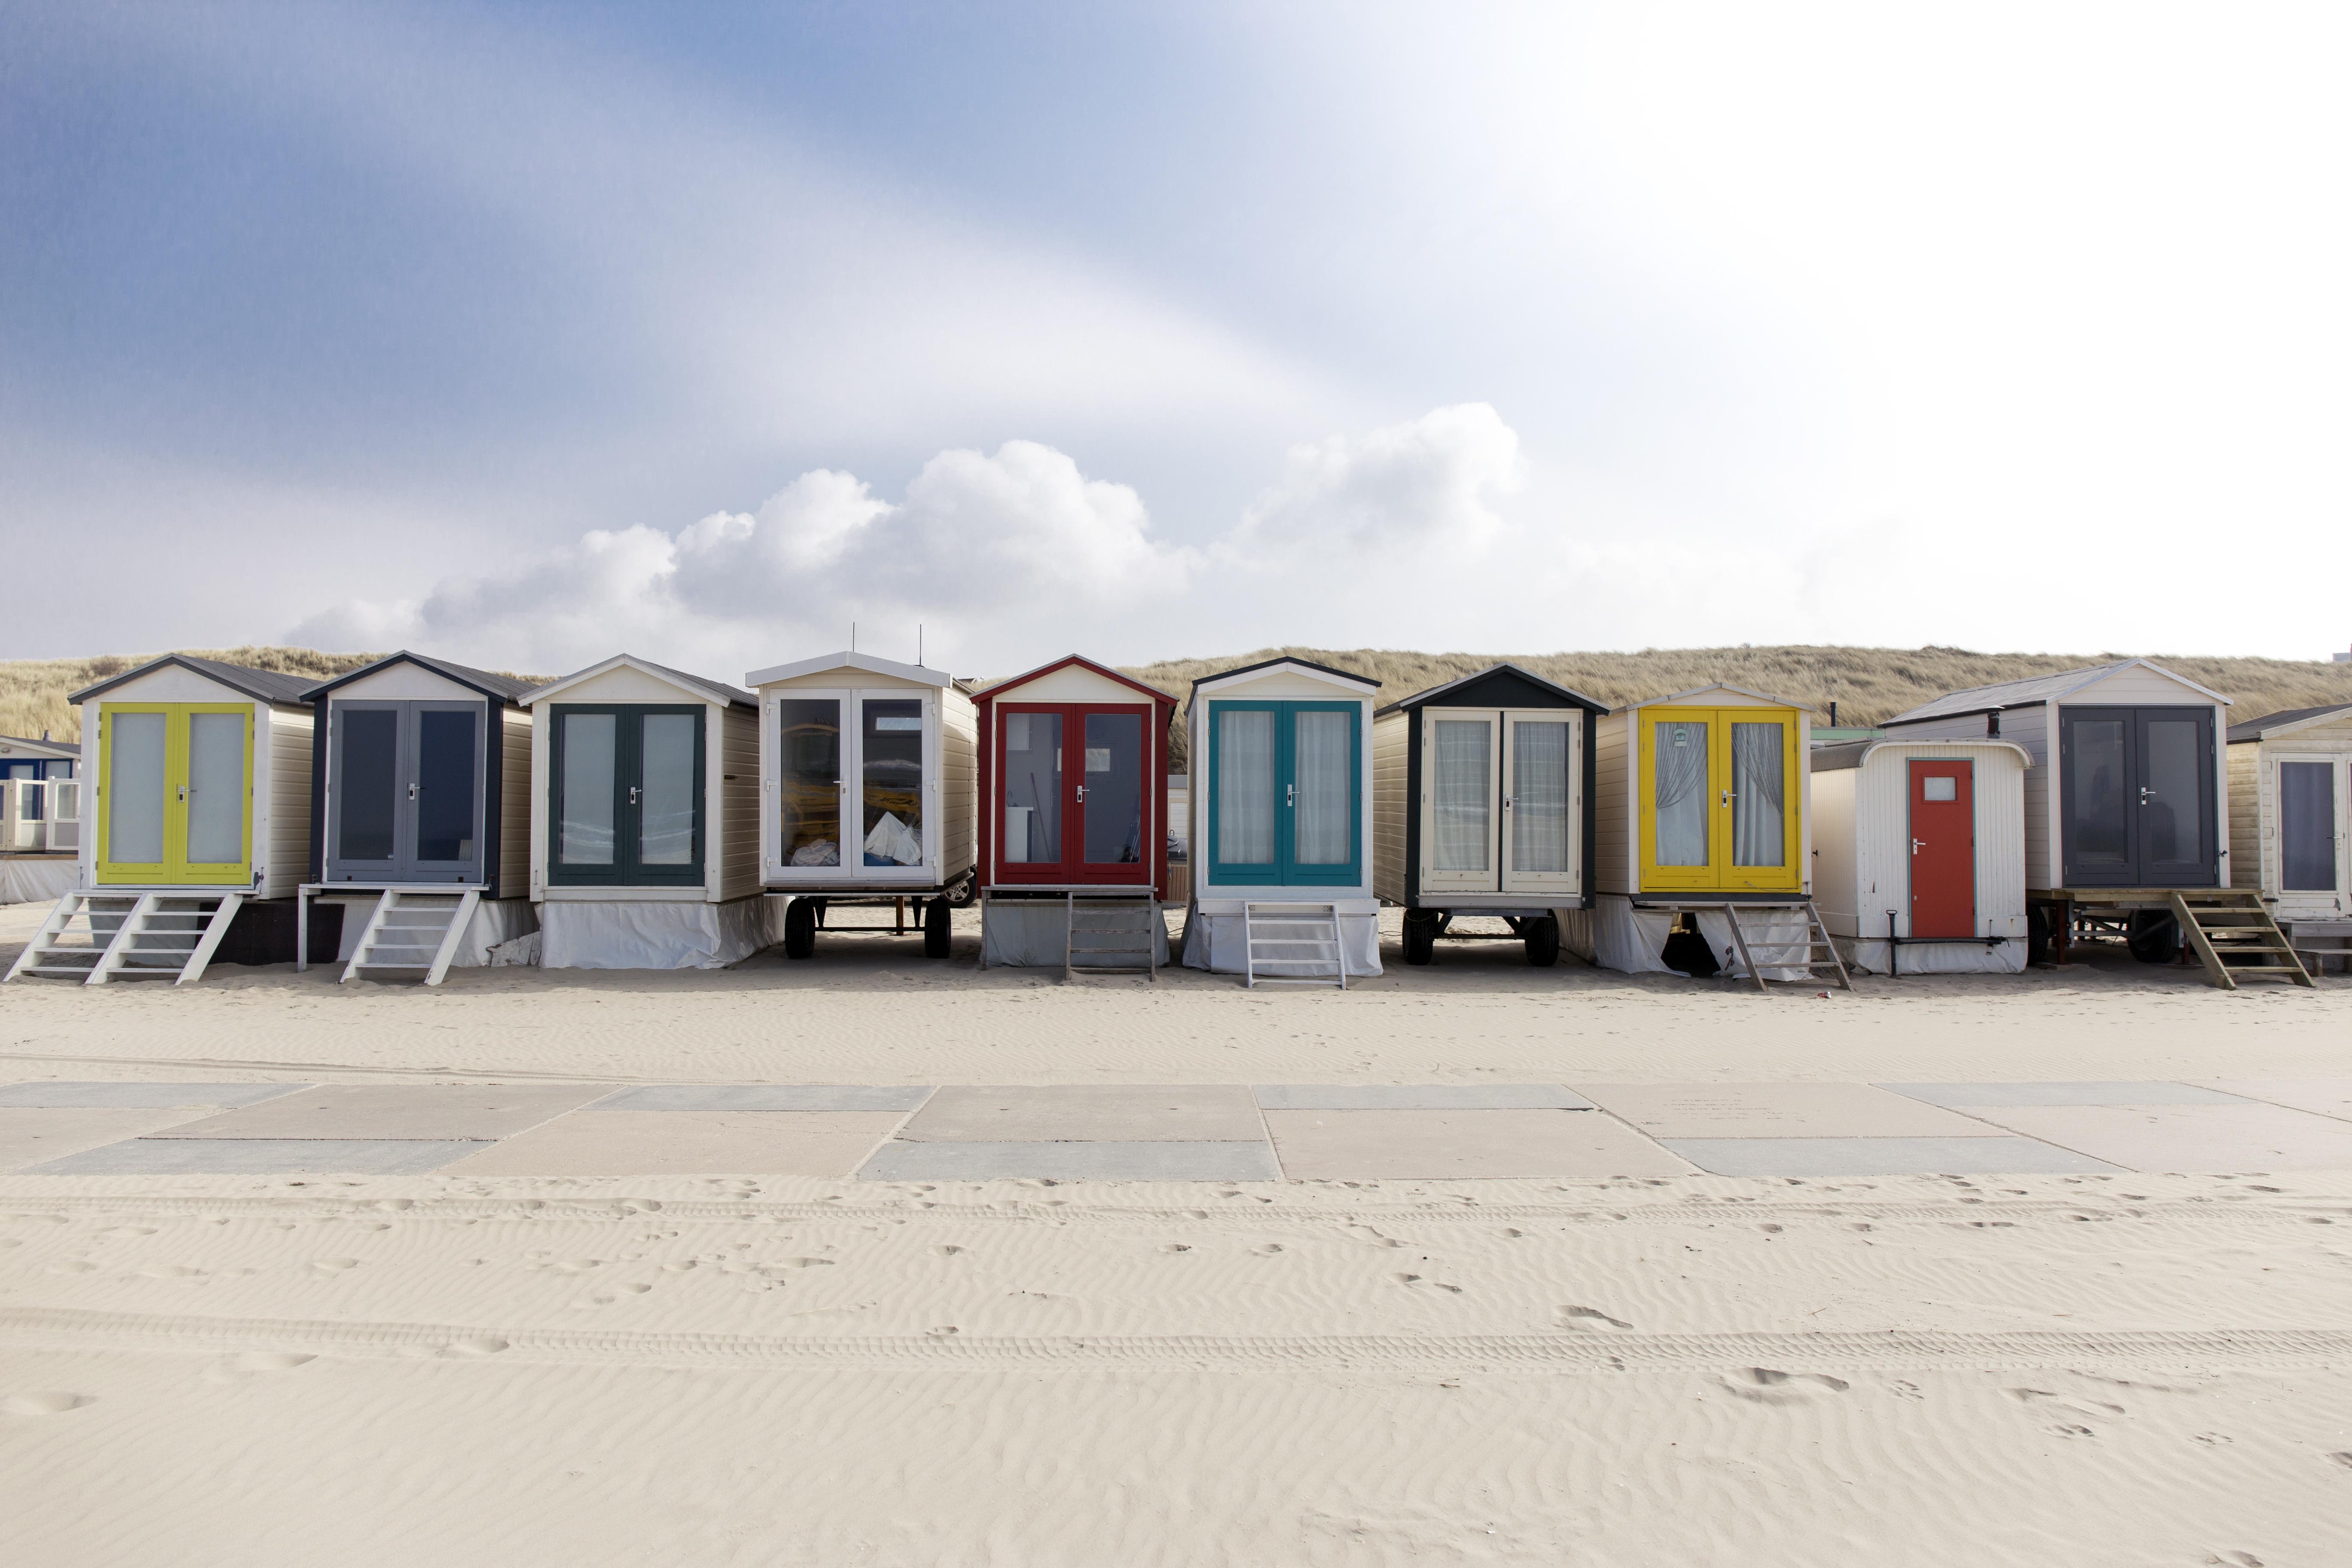 Strandhuisjesdorp Wijk aan Zee in opbouw. Na een lange coronawinter in lockdown voelt het weerzien extra fijn. 'En nu hup, op naar een zorgeloze zomer aan zee!'